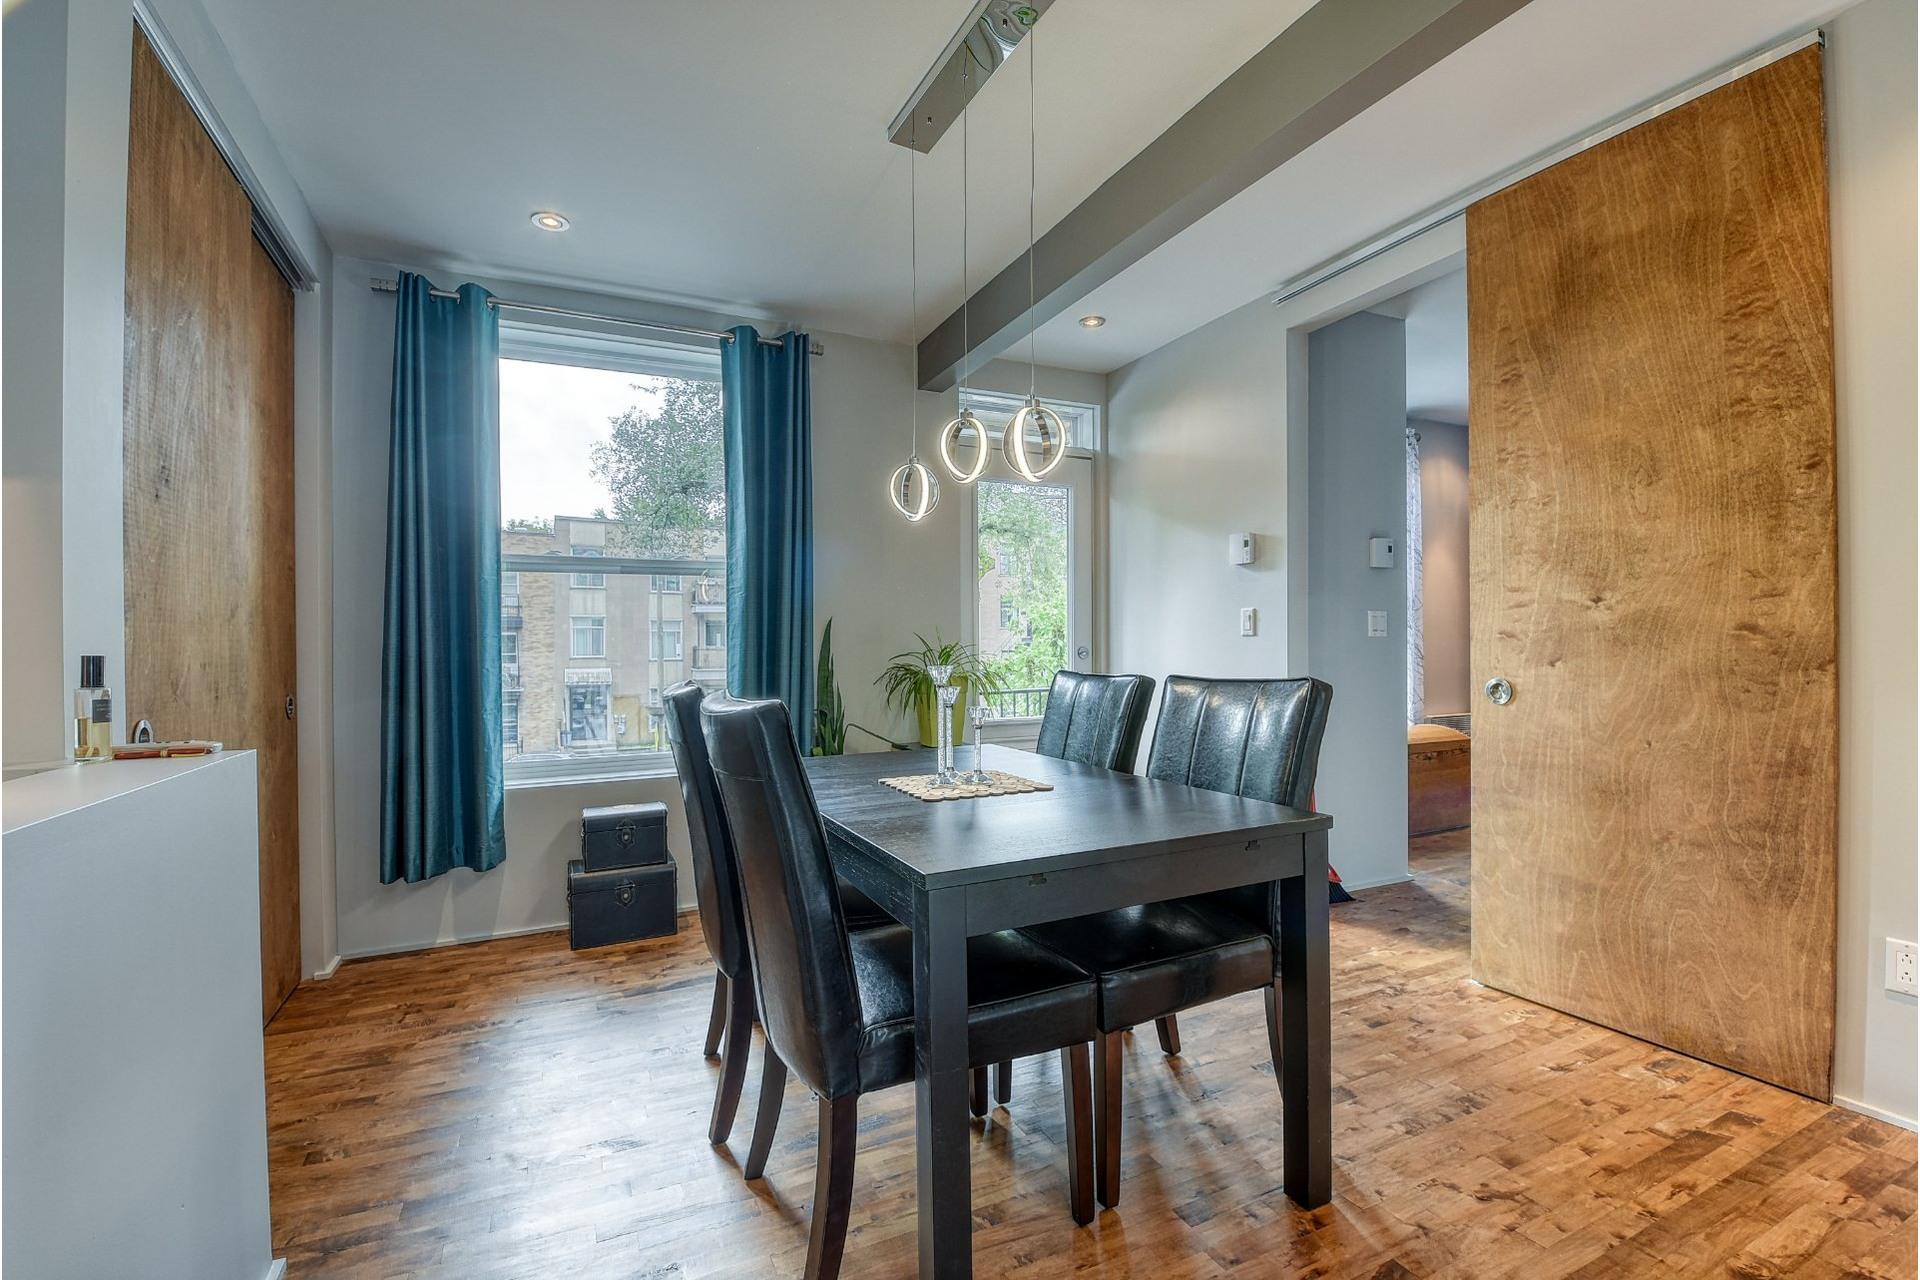 image 2 - Appartement À vendre Mercier/Hochelaga-Maisonneuve Montréal  - 5 pièces